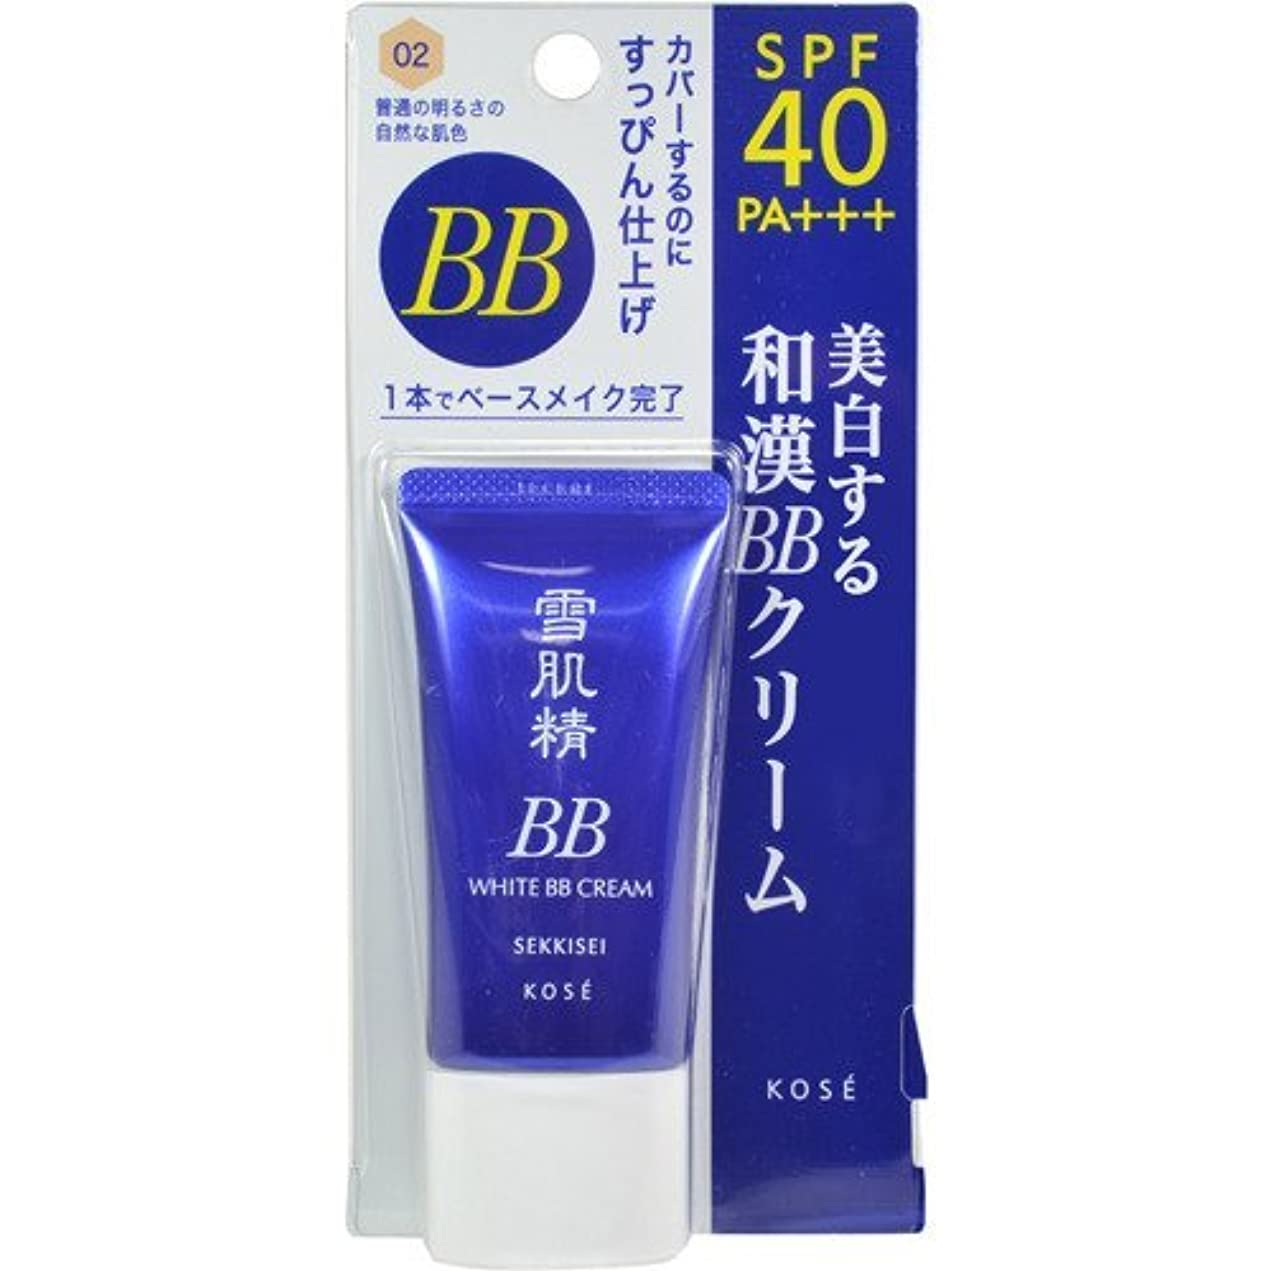 優しい口実経験コーセー 雪肌精 ホワイト BBクリーム 02  30g